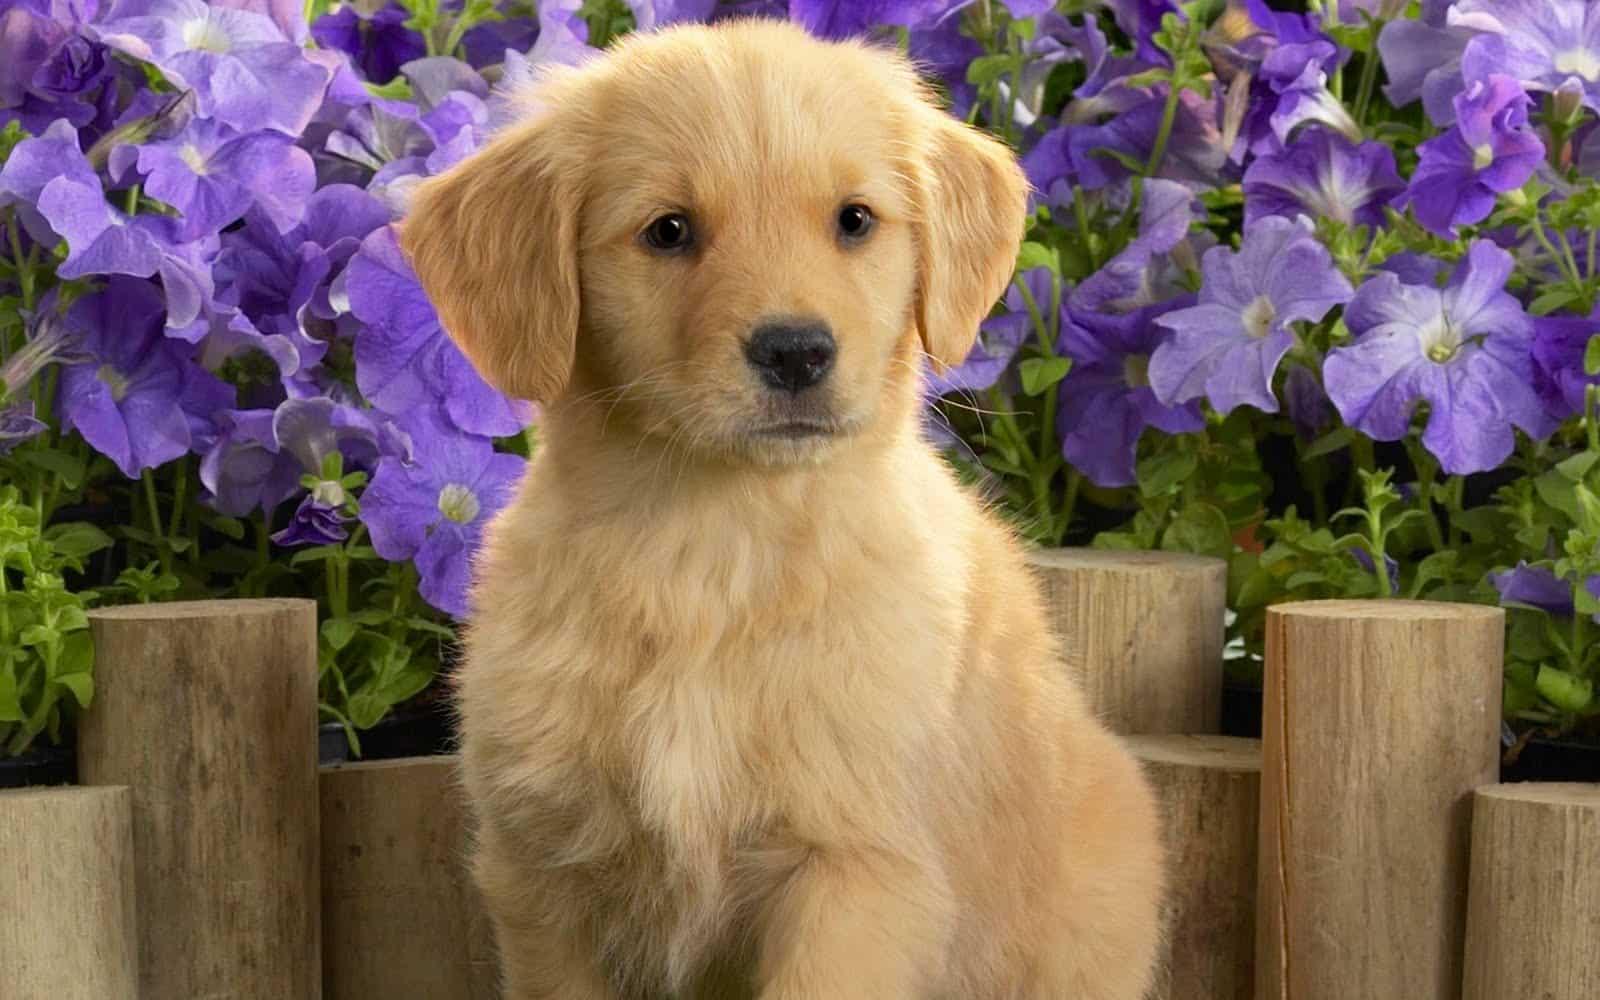 Le golden retriever, un chien qui demande de l'attention